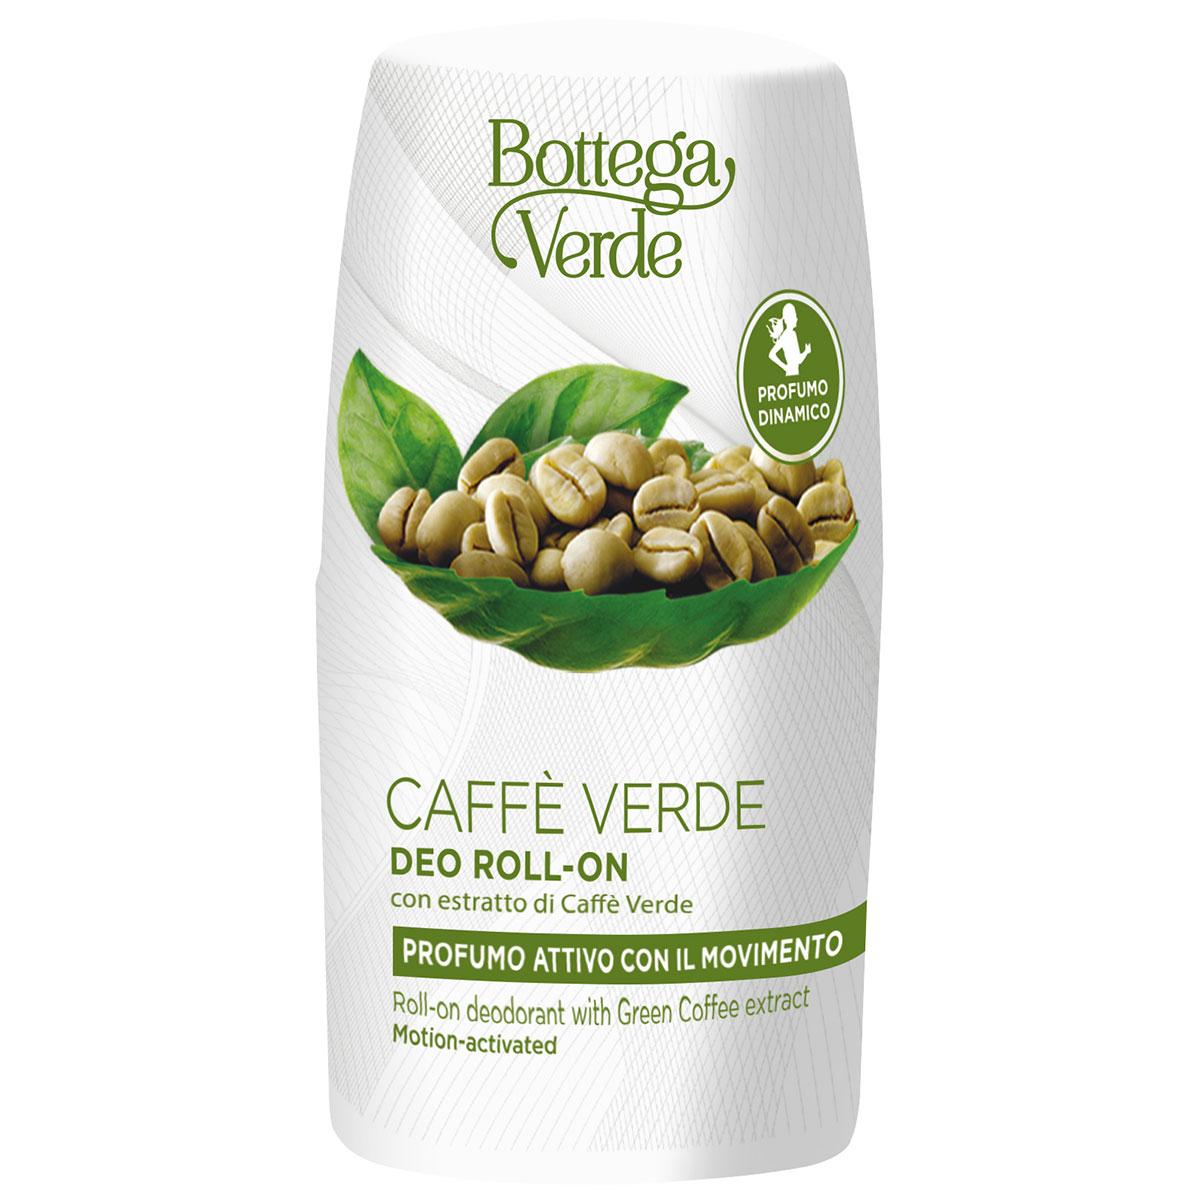 Deodorant roll-on cu extract de cafea verde - Caffè Verde, 50 ML